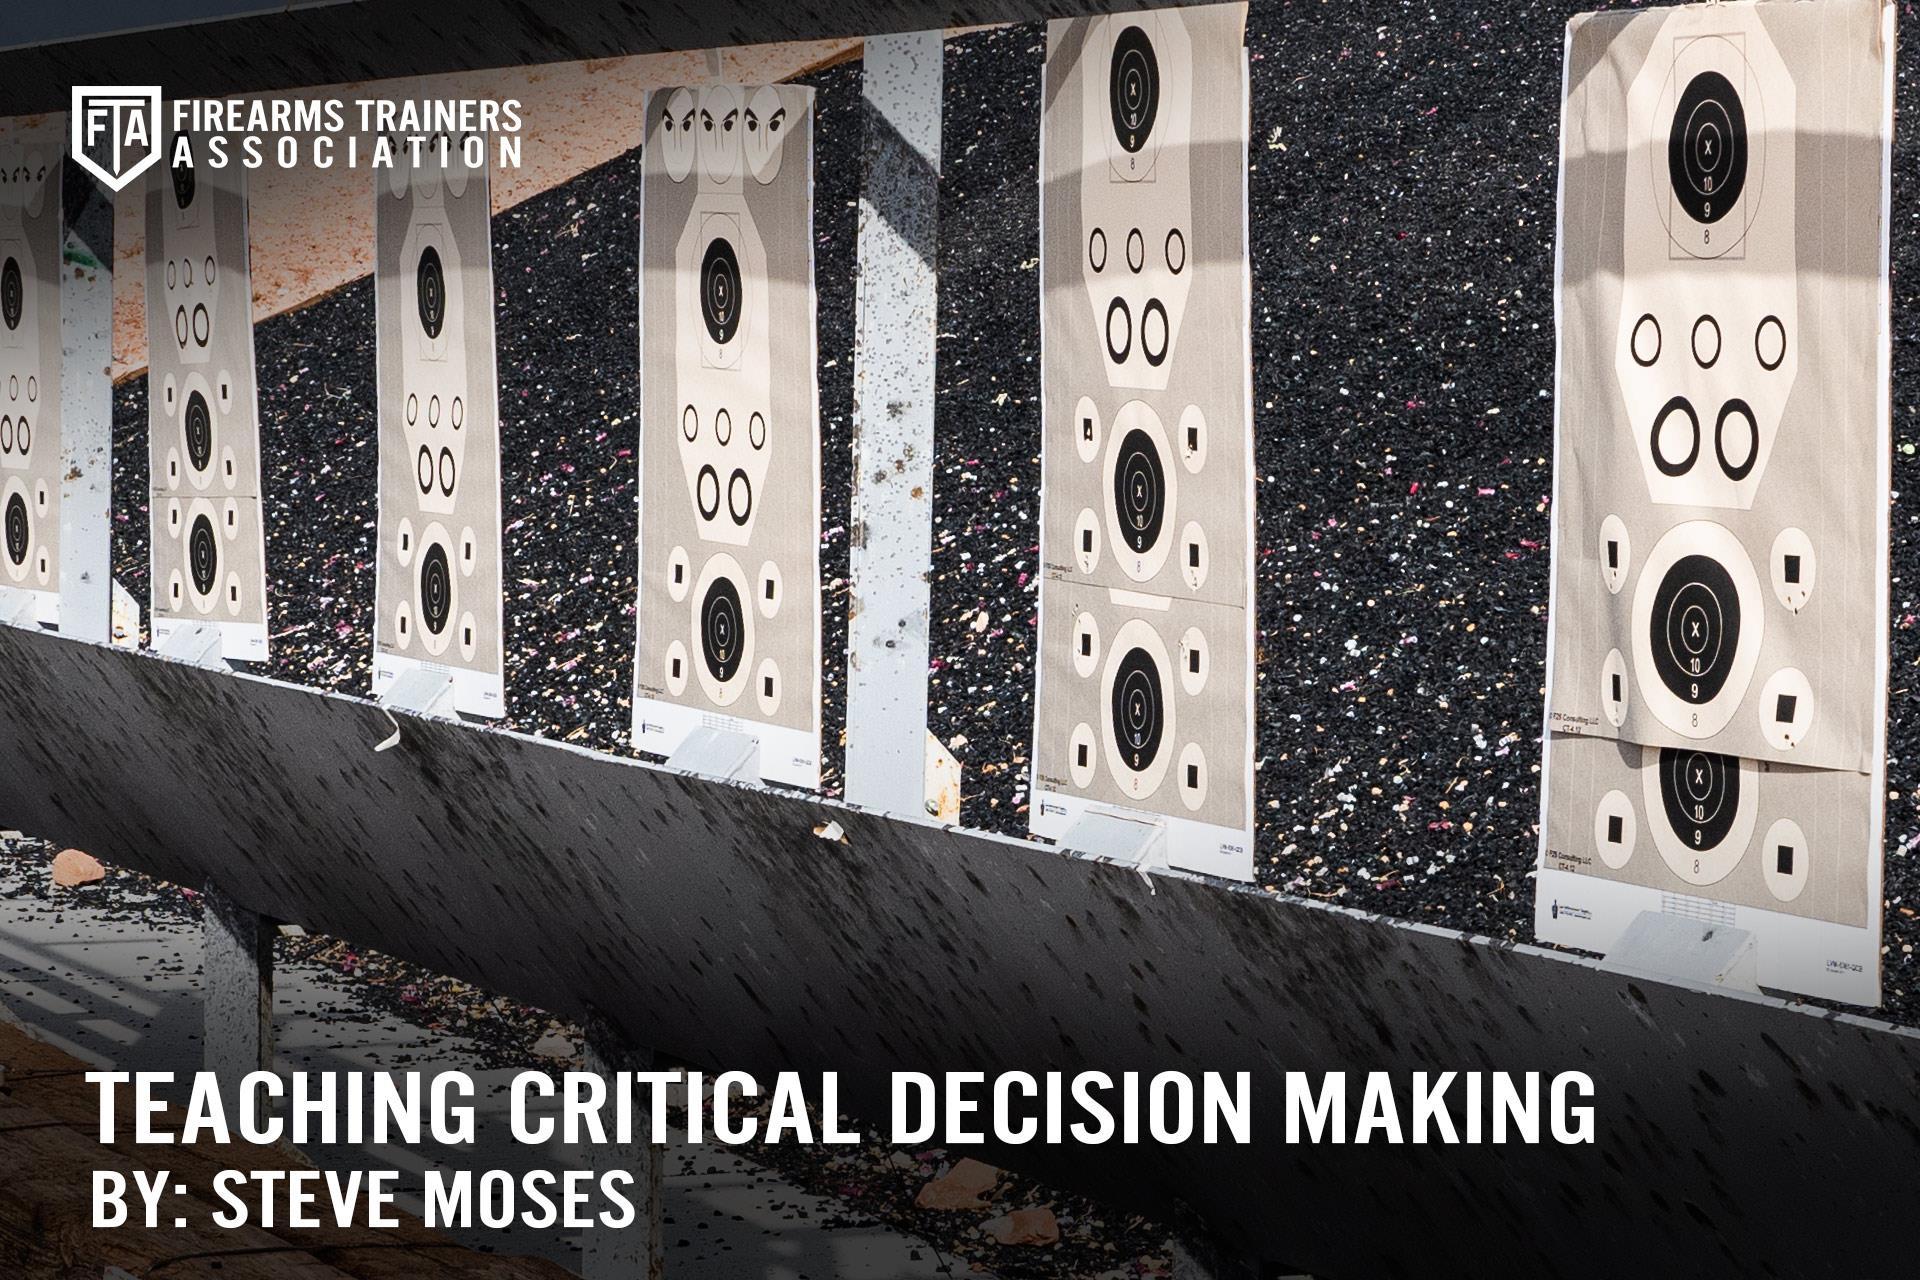 TEACHING CRITICAL DECISION MAKING